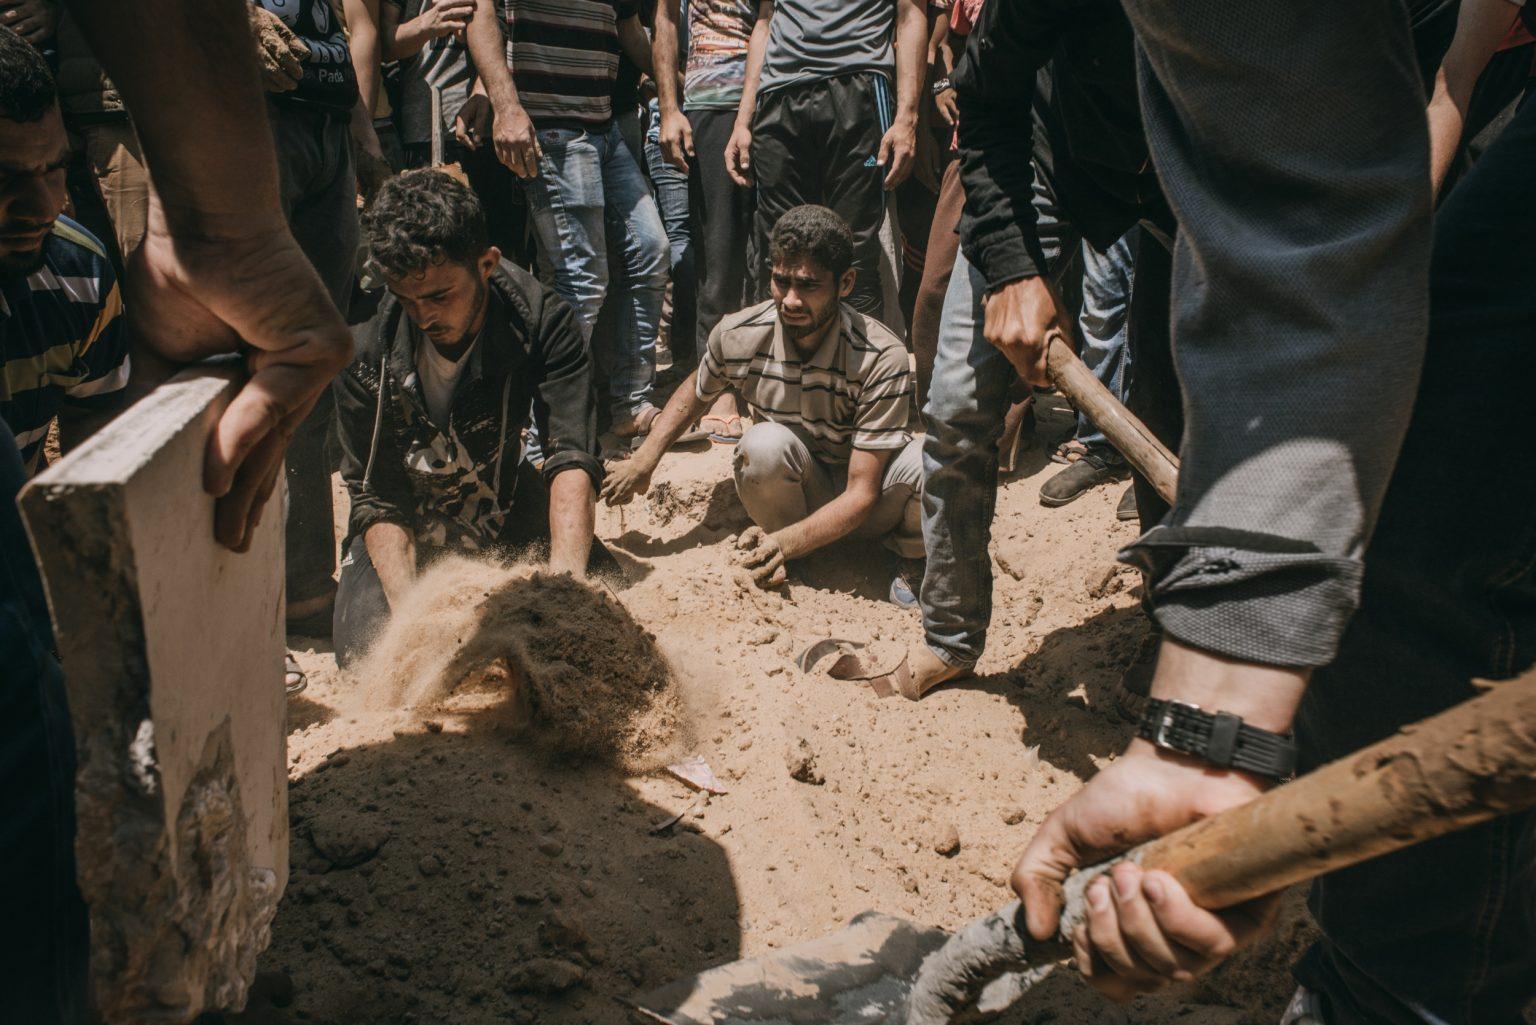 Gaza Strip, May 2018 - The funeral of Omar Abual Fuol, 33, killed by Israeli tanks who targeted Hamas positions in Gaza, burry his body in a cemetery in Gaza City. >< Striscia di Gaza, maggio 2018 - I funerali nel cimitero della Città di Gaza di Omar Abual Fuol, 33 anni, ucciso da un carro armato israeliano che ha colpito una postazione di Hamas all'interno della striscia di Gaza.